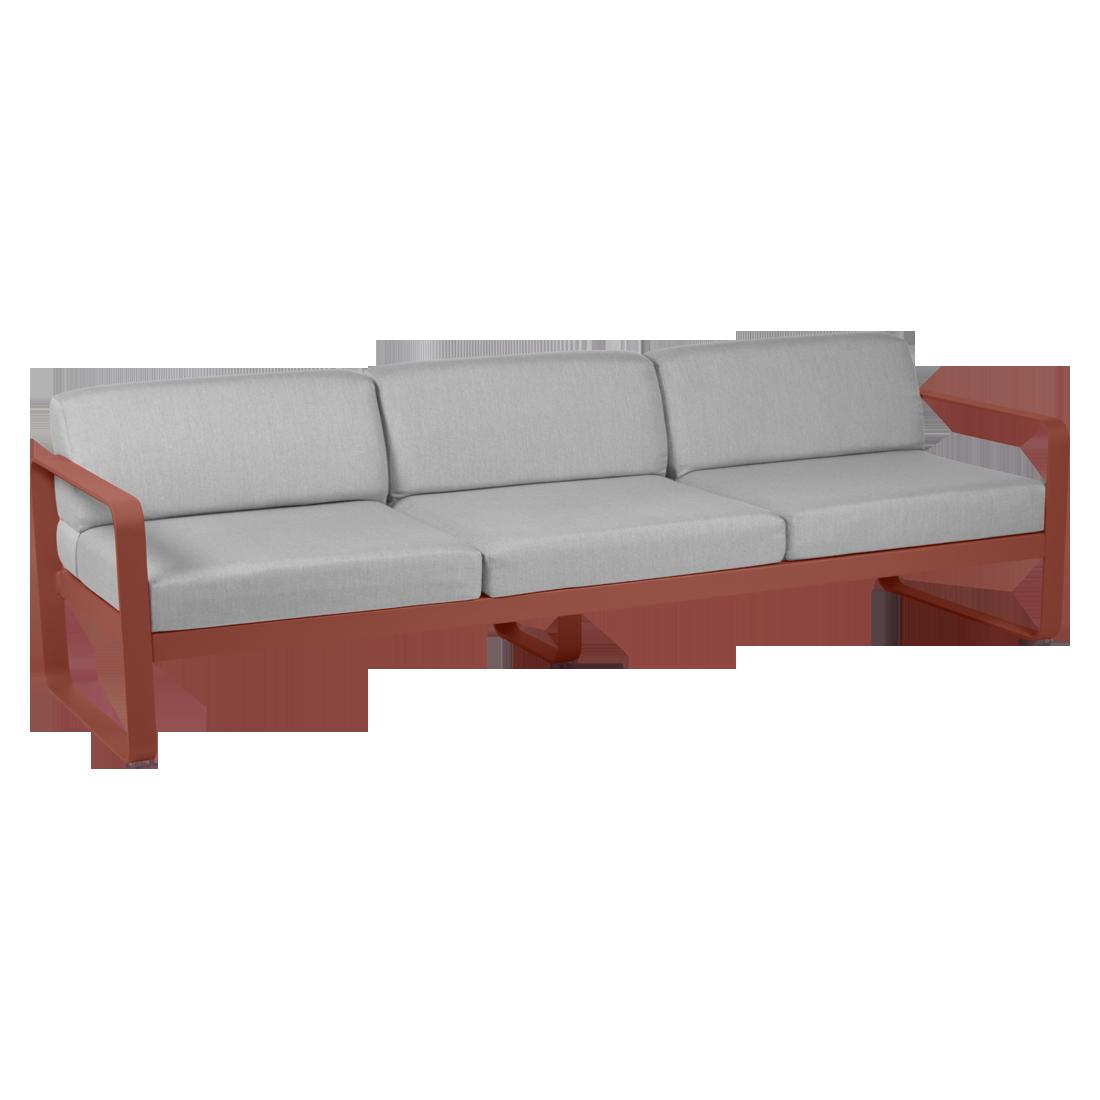 Canapé 3 places - Gris flanelle bellevie ocre rouge